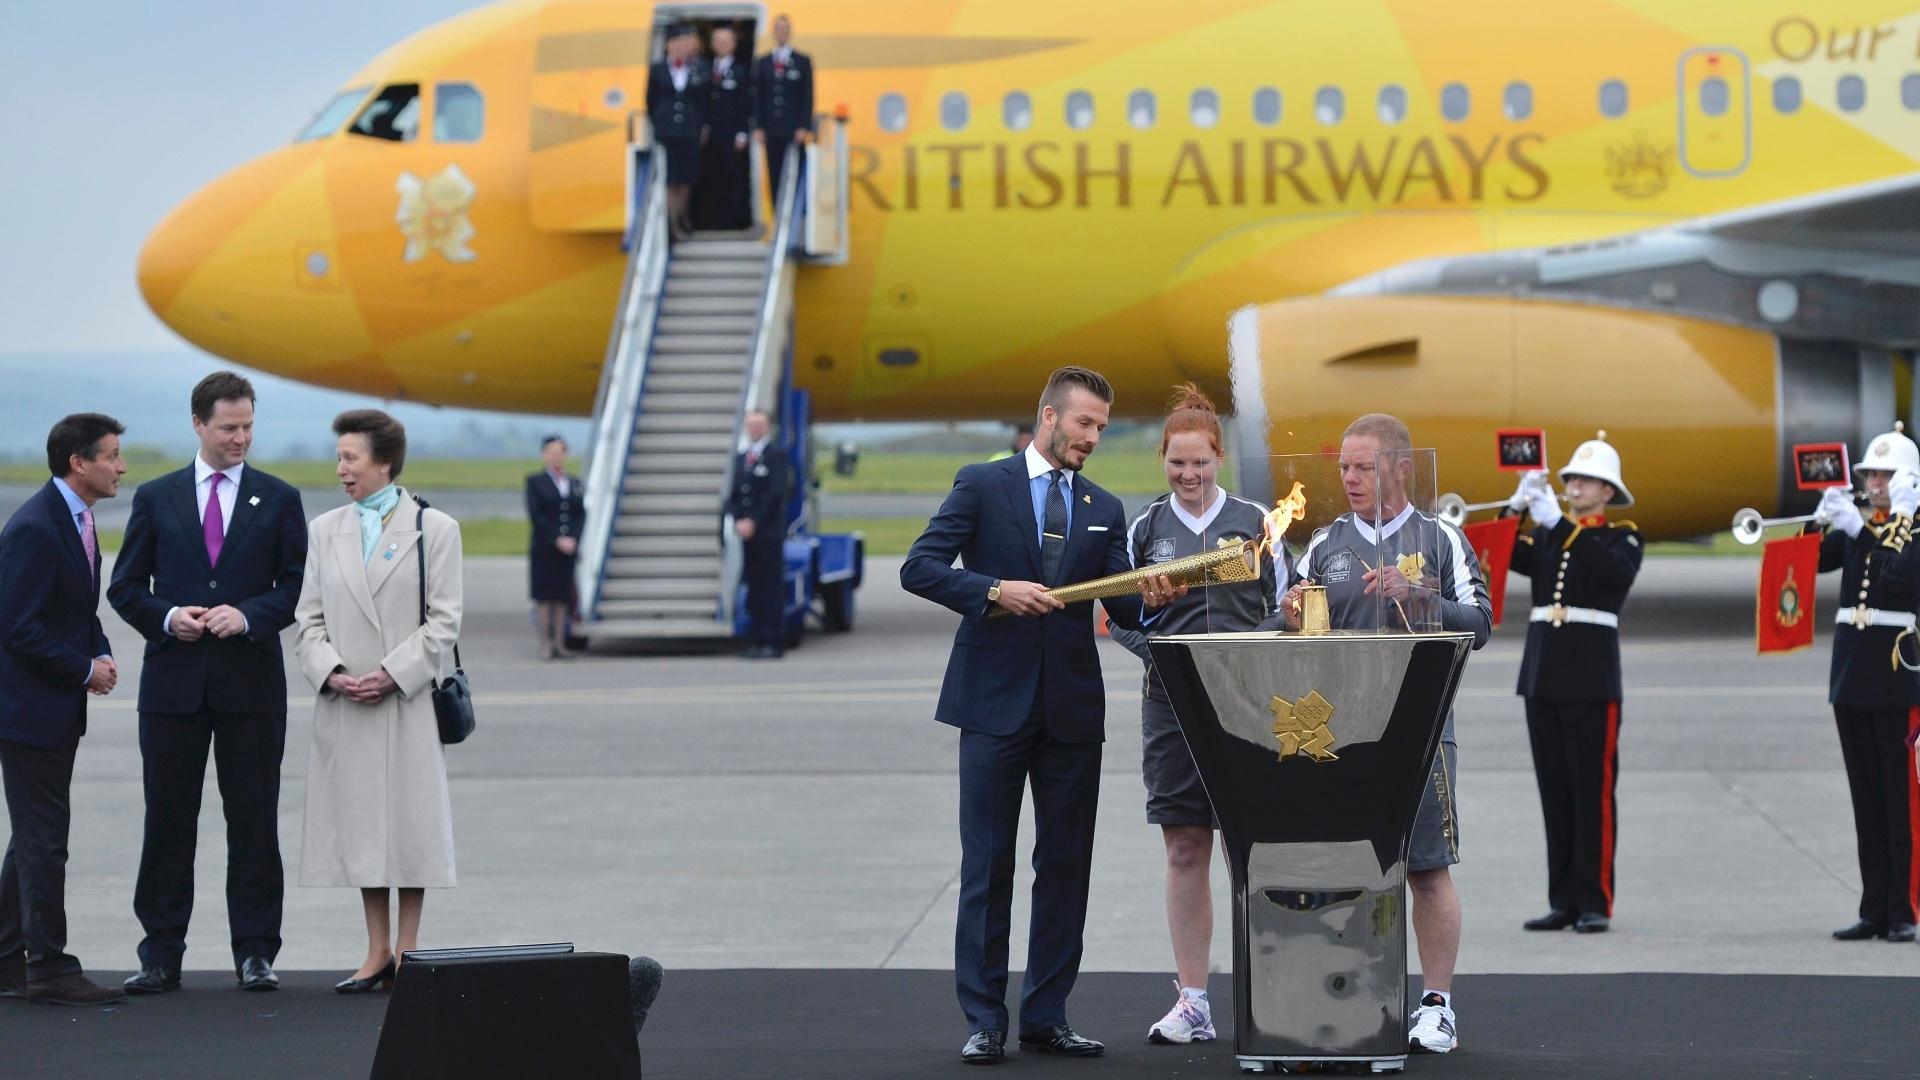 Embaixador dos jogos, Beckham participou da escolta da tocha até a Grã-Bretanha